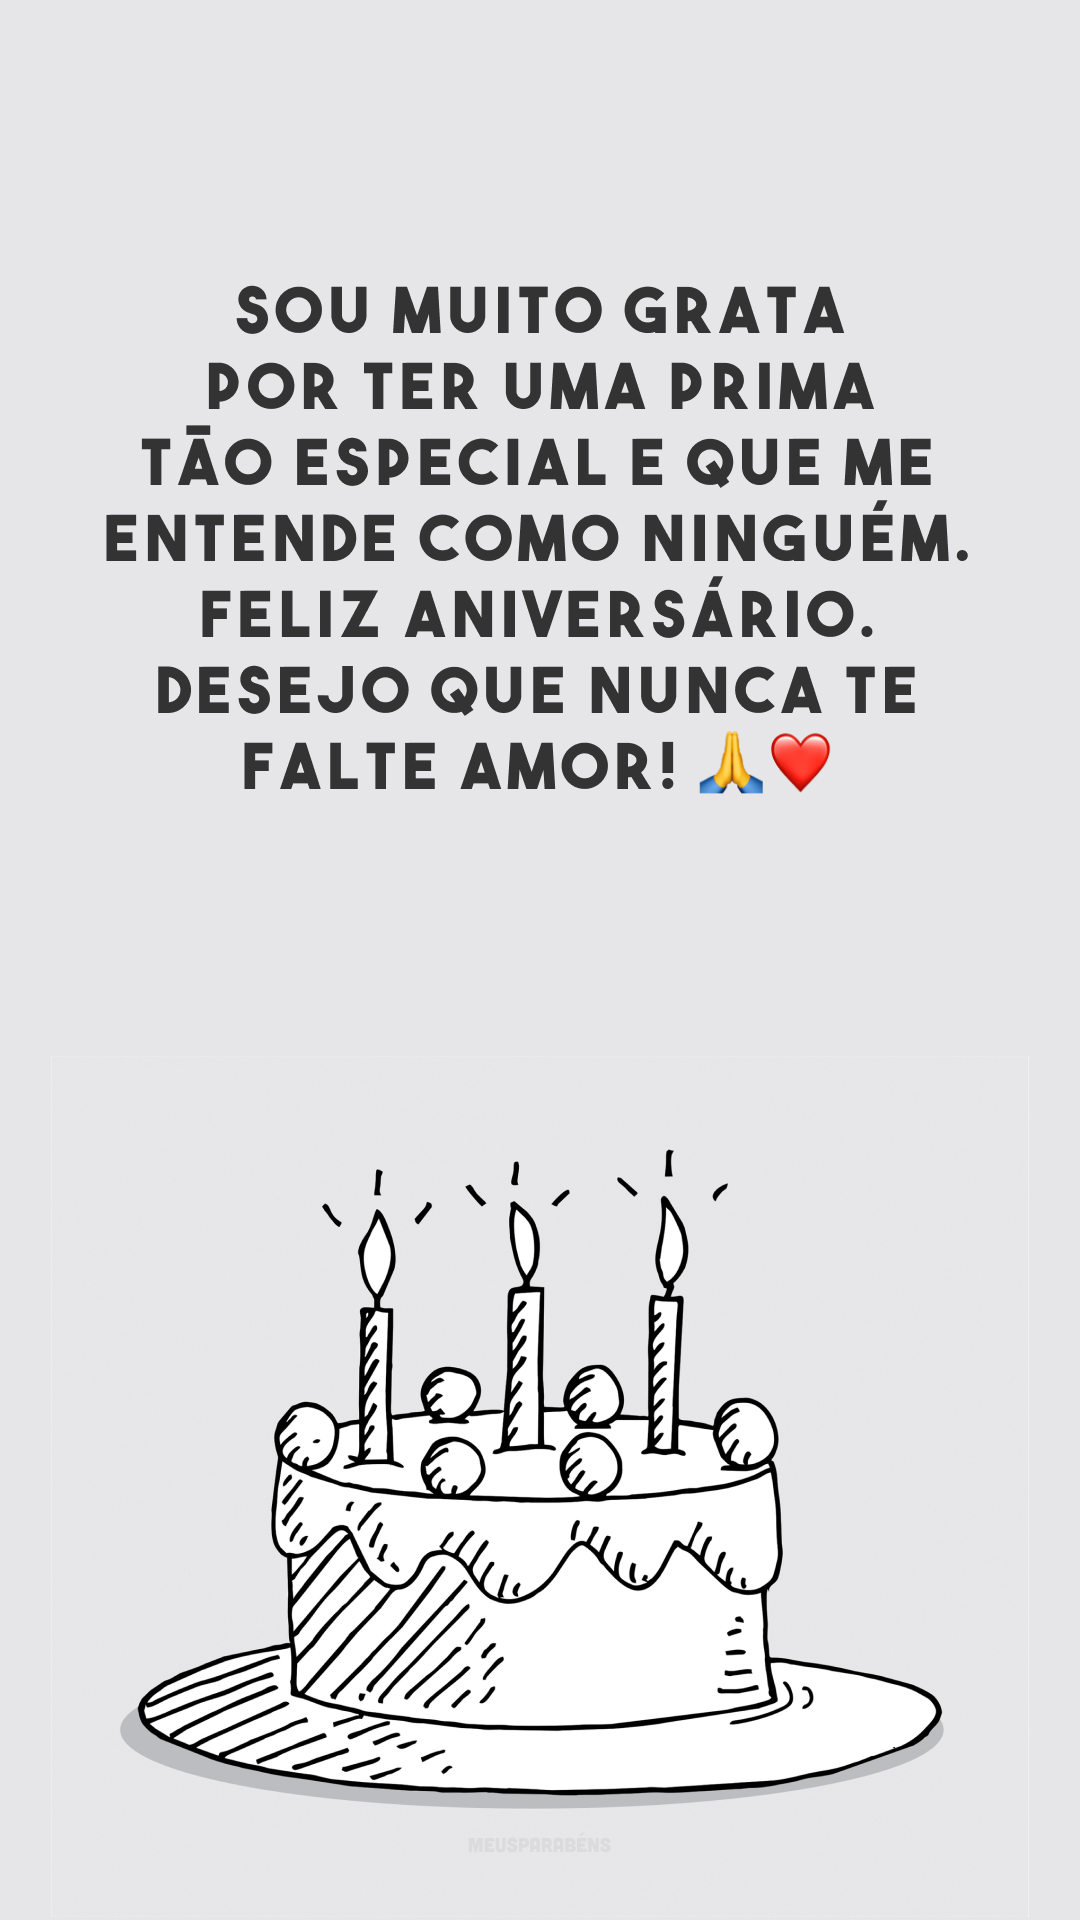 Sou muito grata por ter uma prima tão especial e que me entende como ninguém. Feliz aniversário. Desejo que nunca te falte amor! 🙏❤️